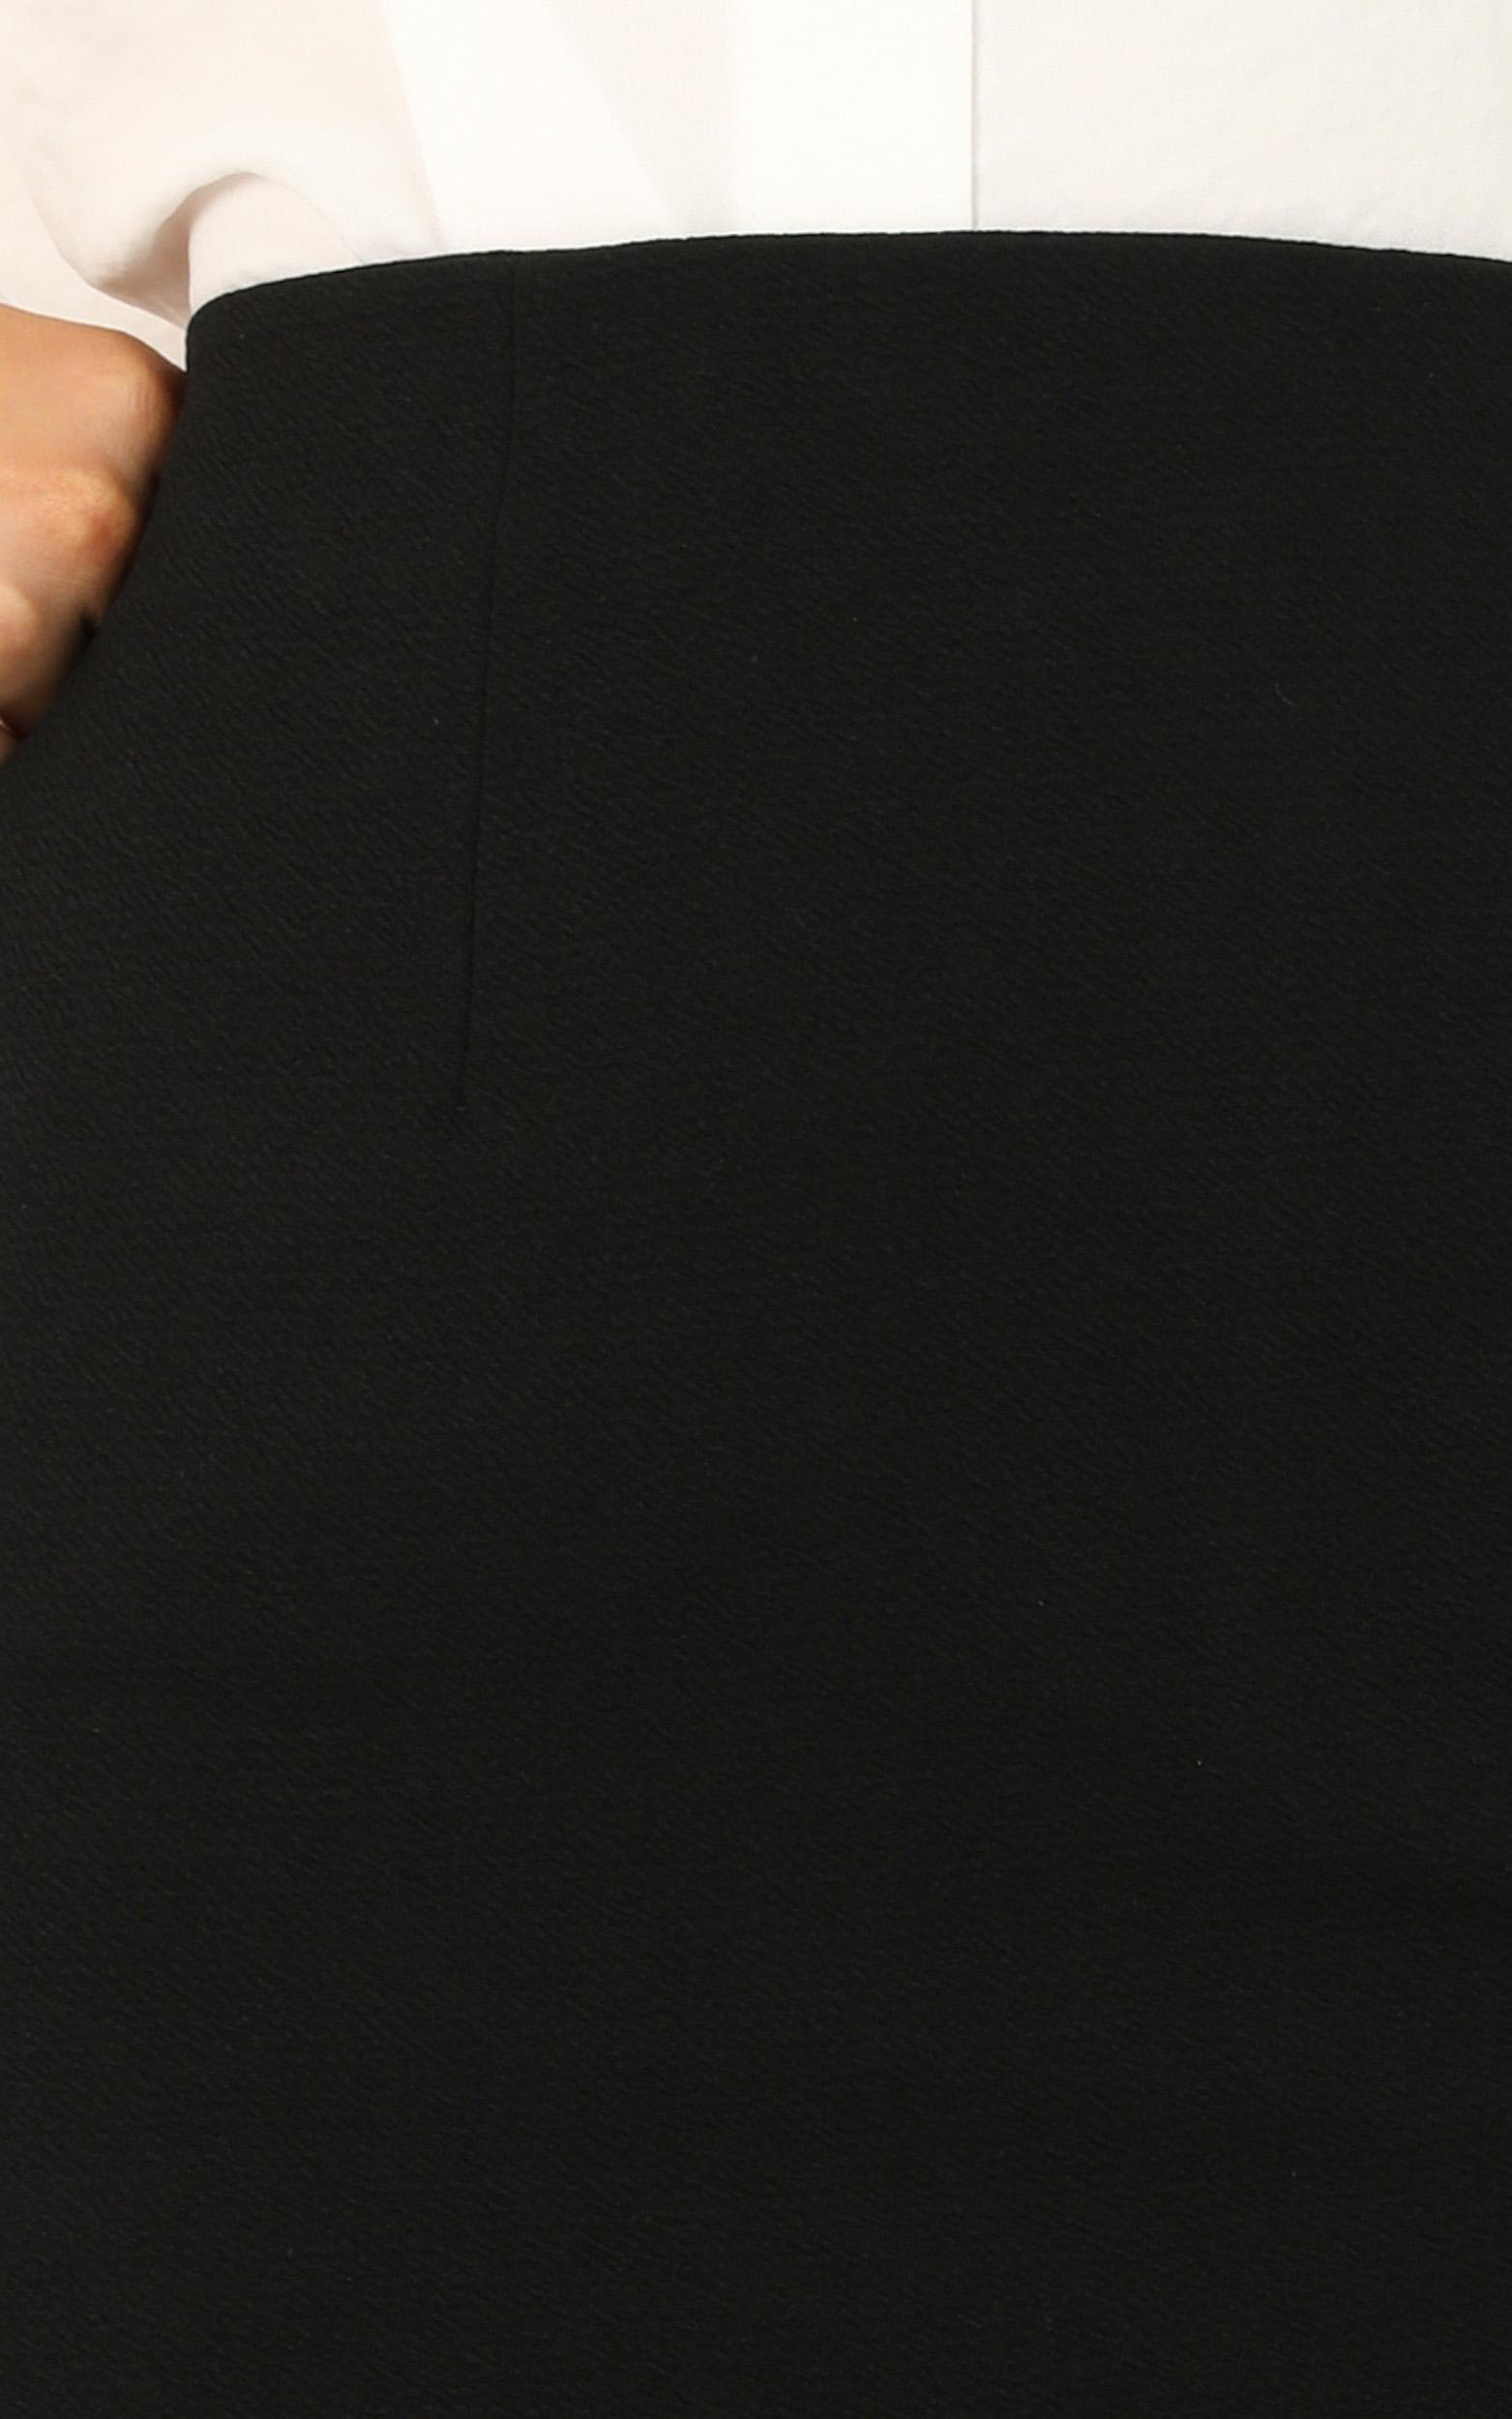 Smooth Talker Skirt In Black - 4 (XXS), Black, hi-res image number null